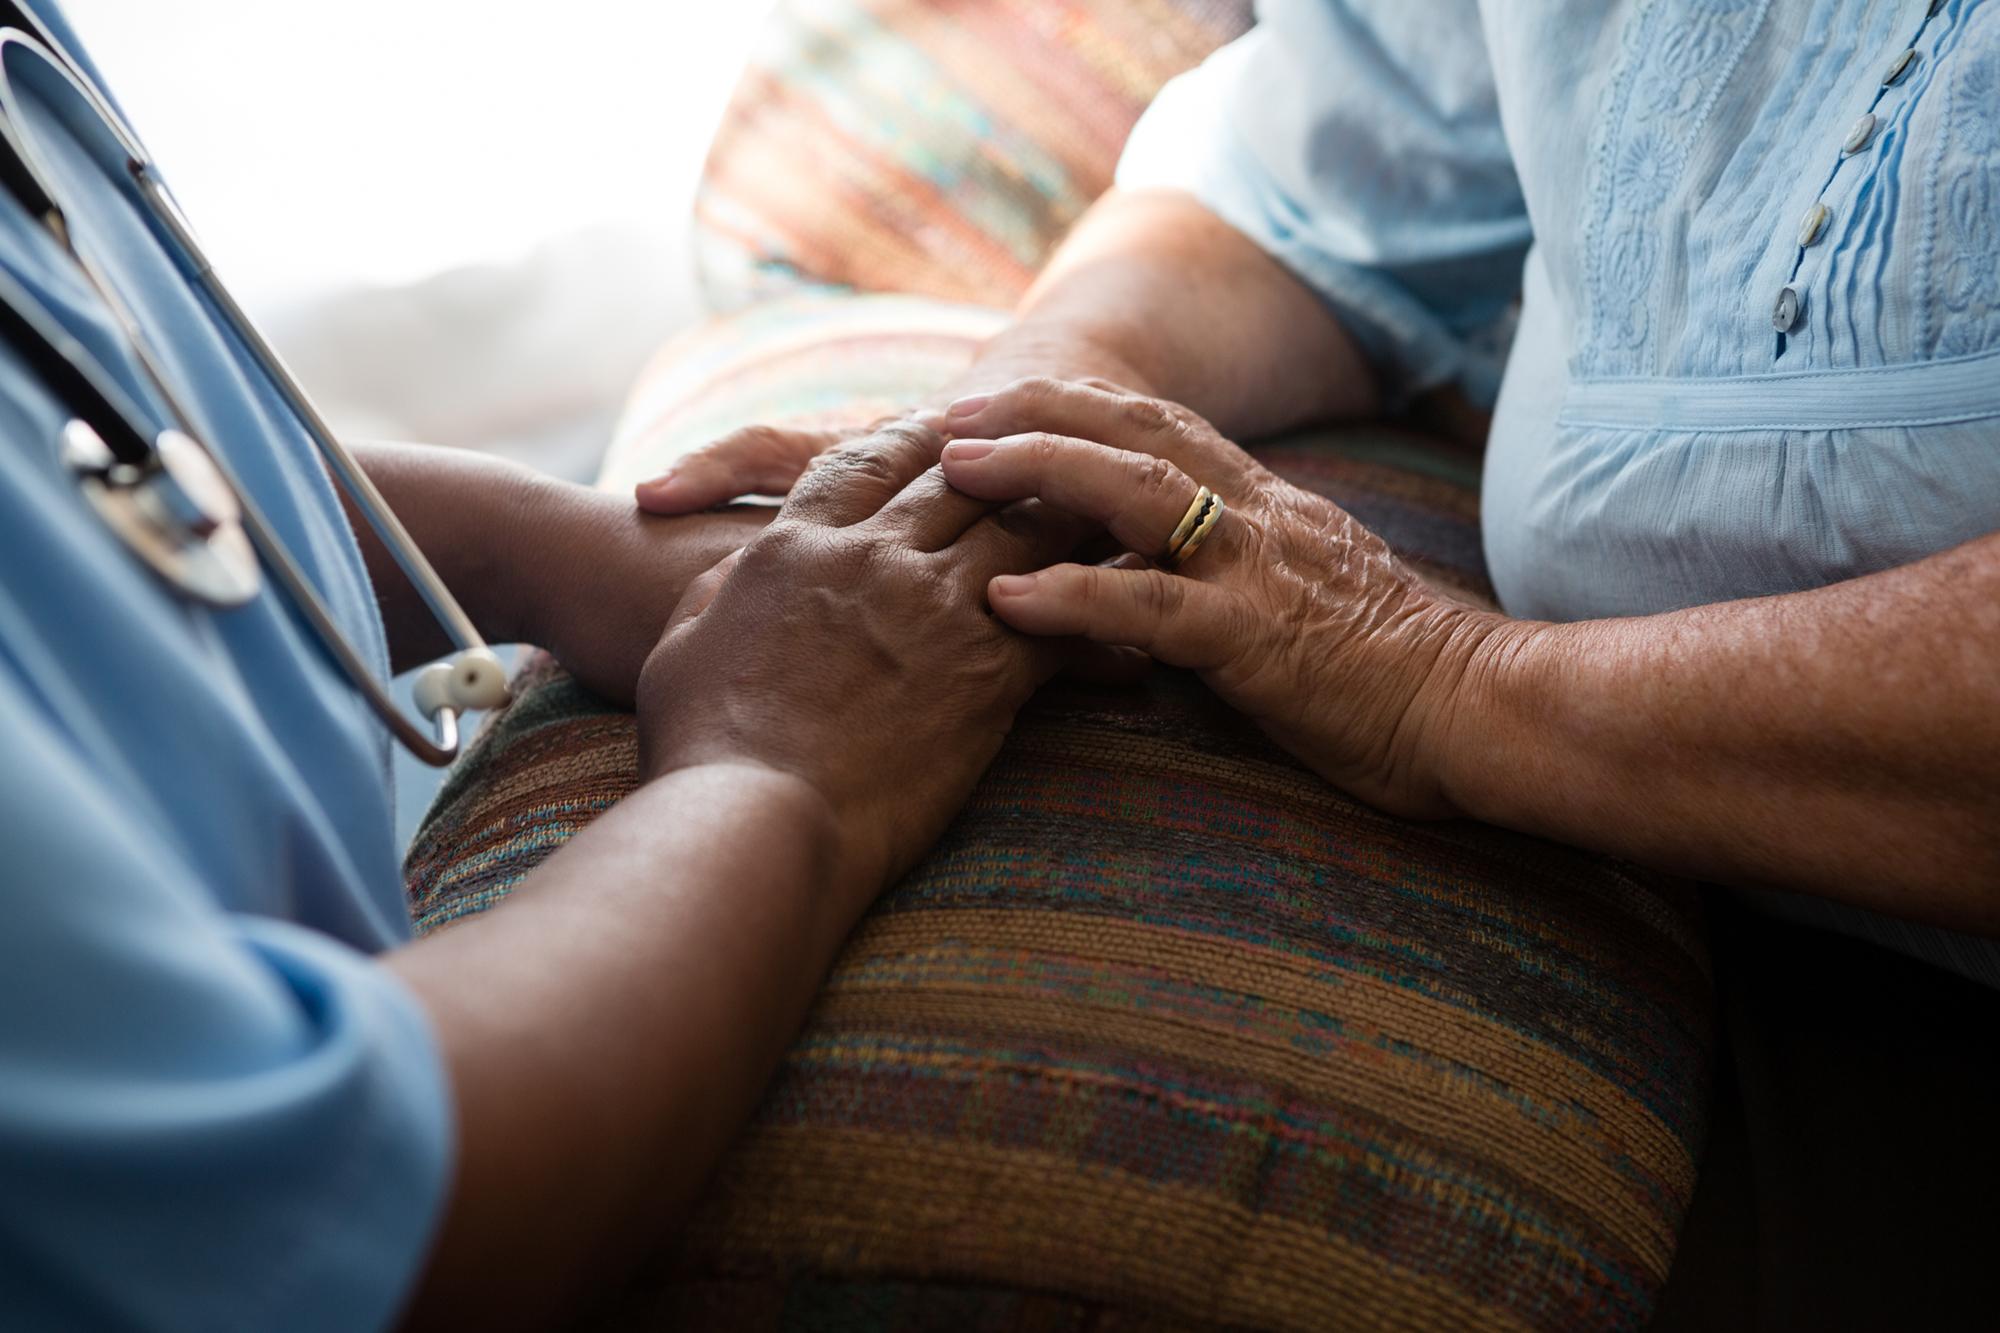 Nurse holds patients hands.